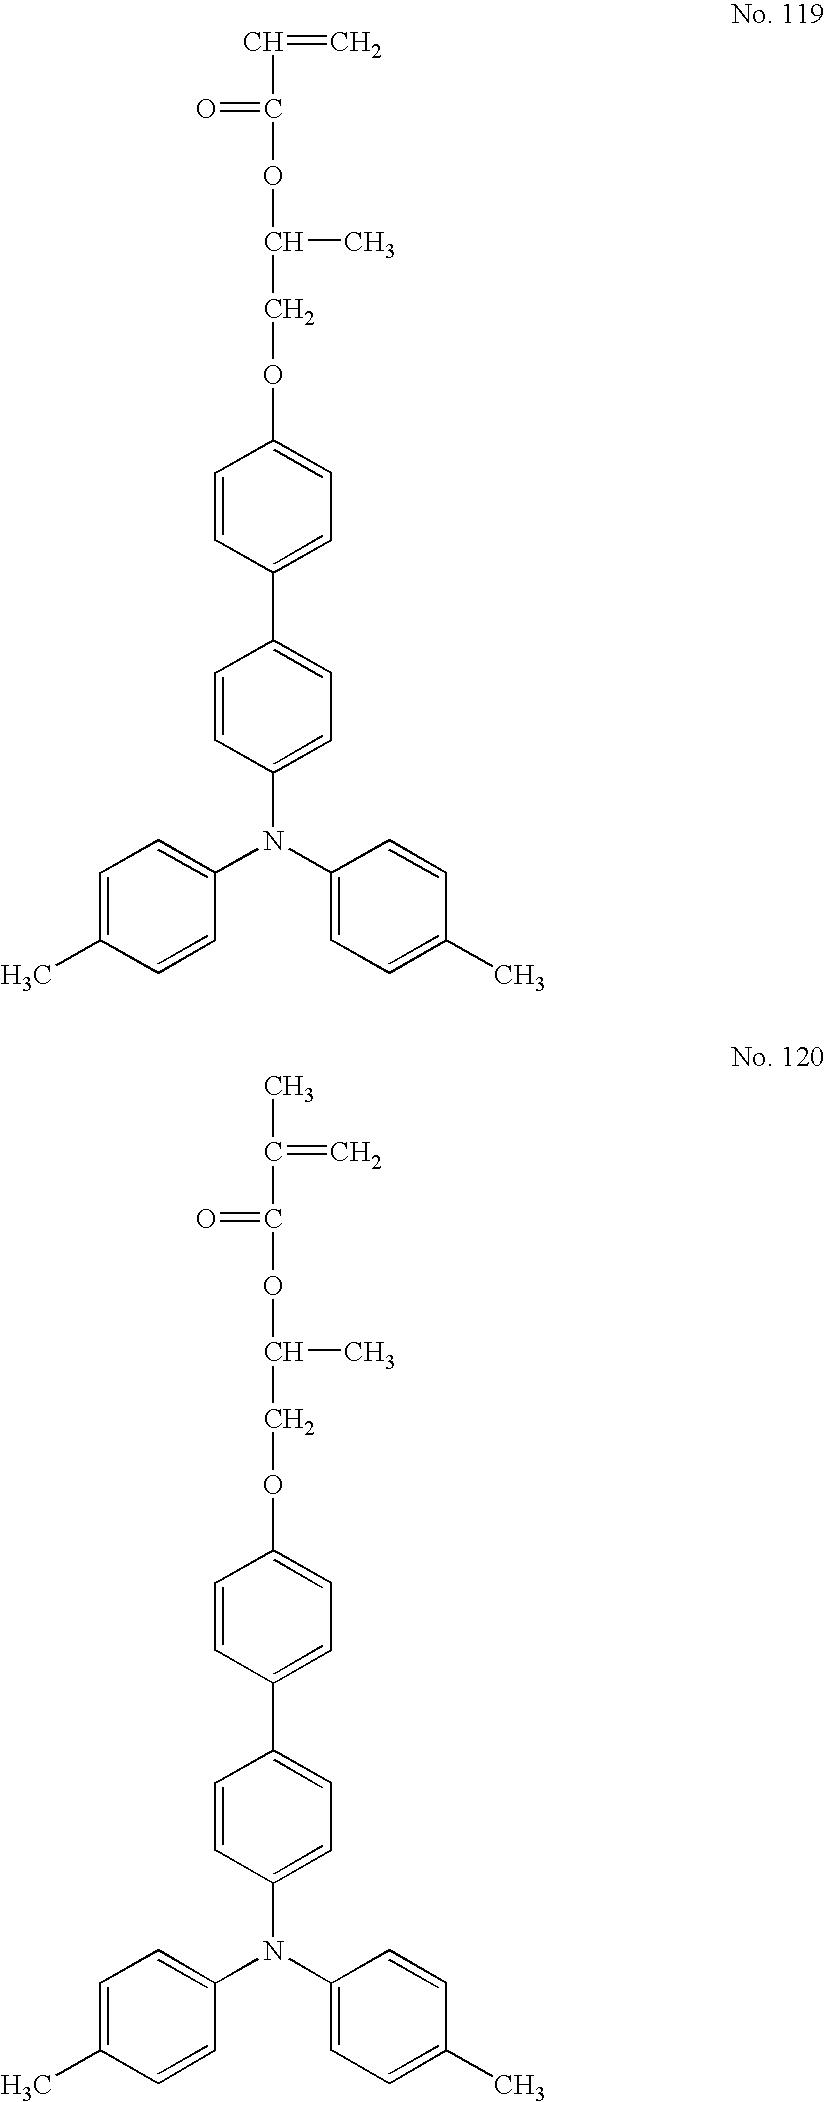 Figure US07824830-20101102-C00057